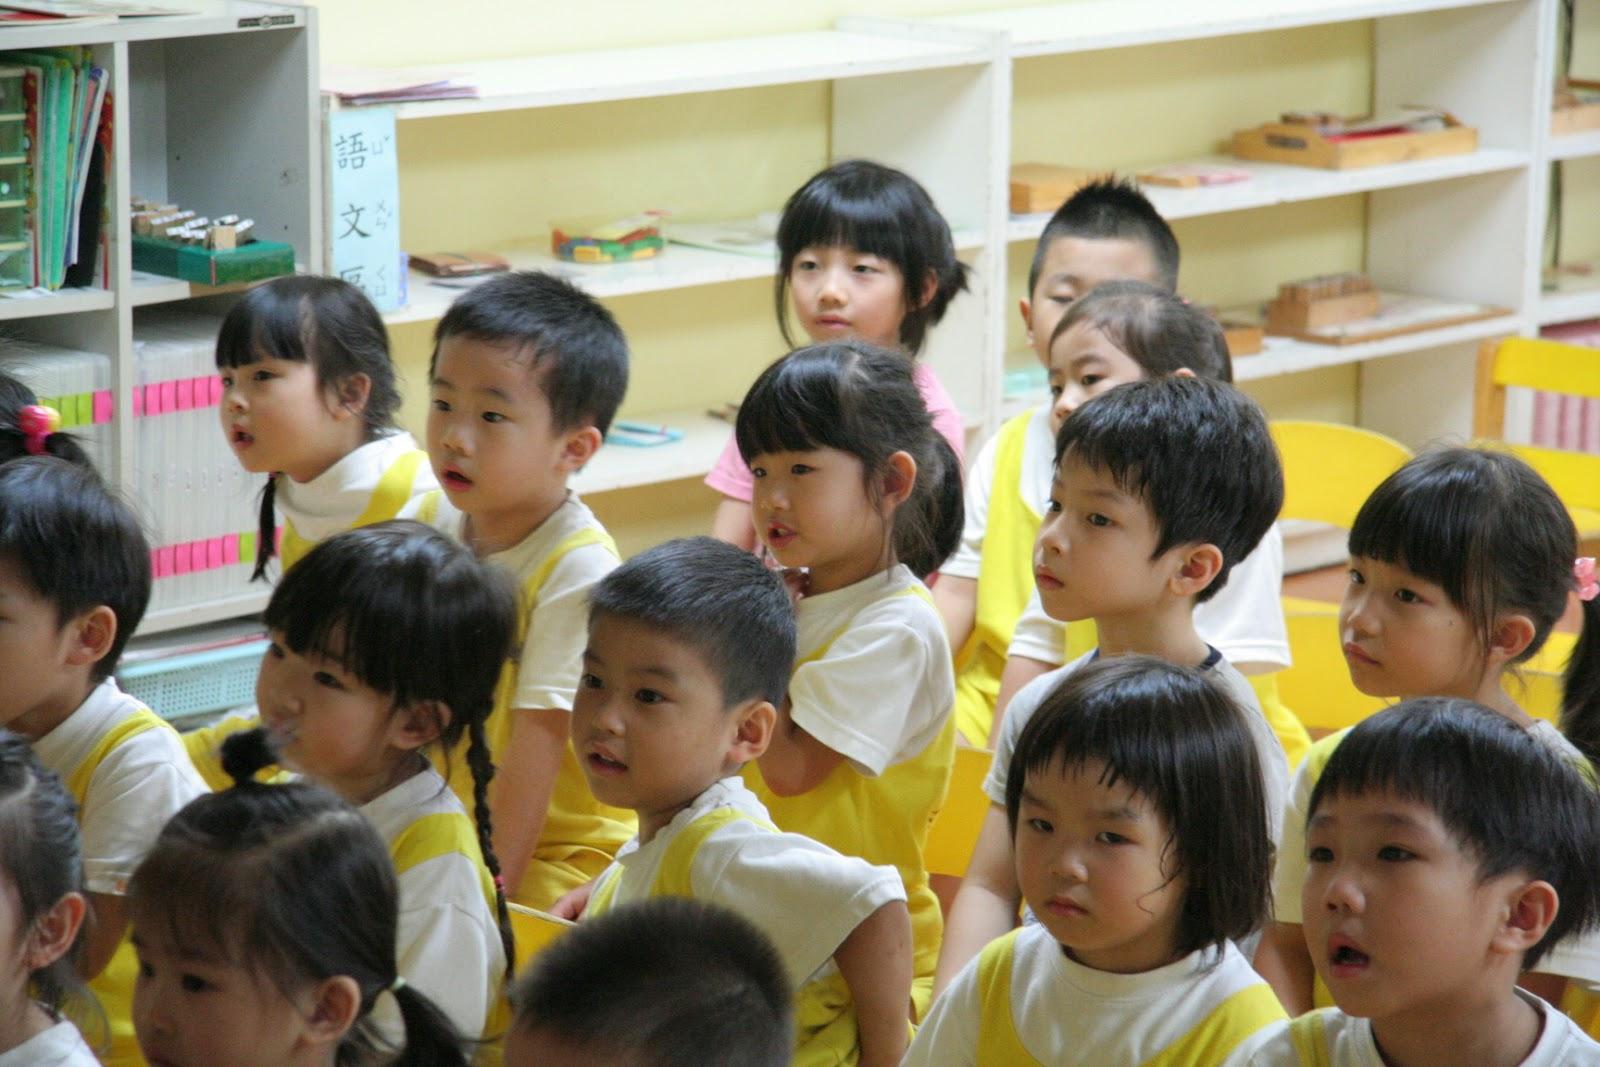 臺北市私立大大樹幼兒園: 健康活動分享...受傷了麼辦?